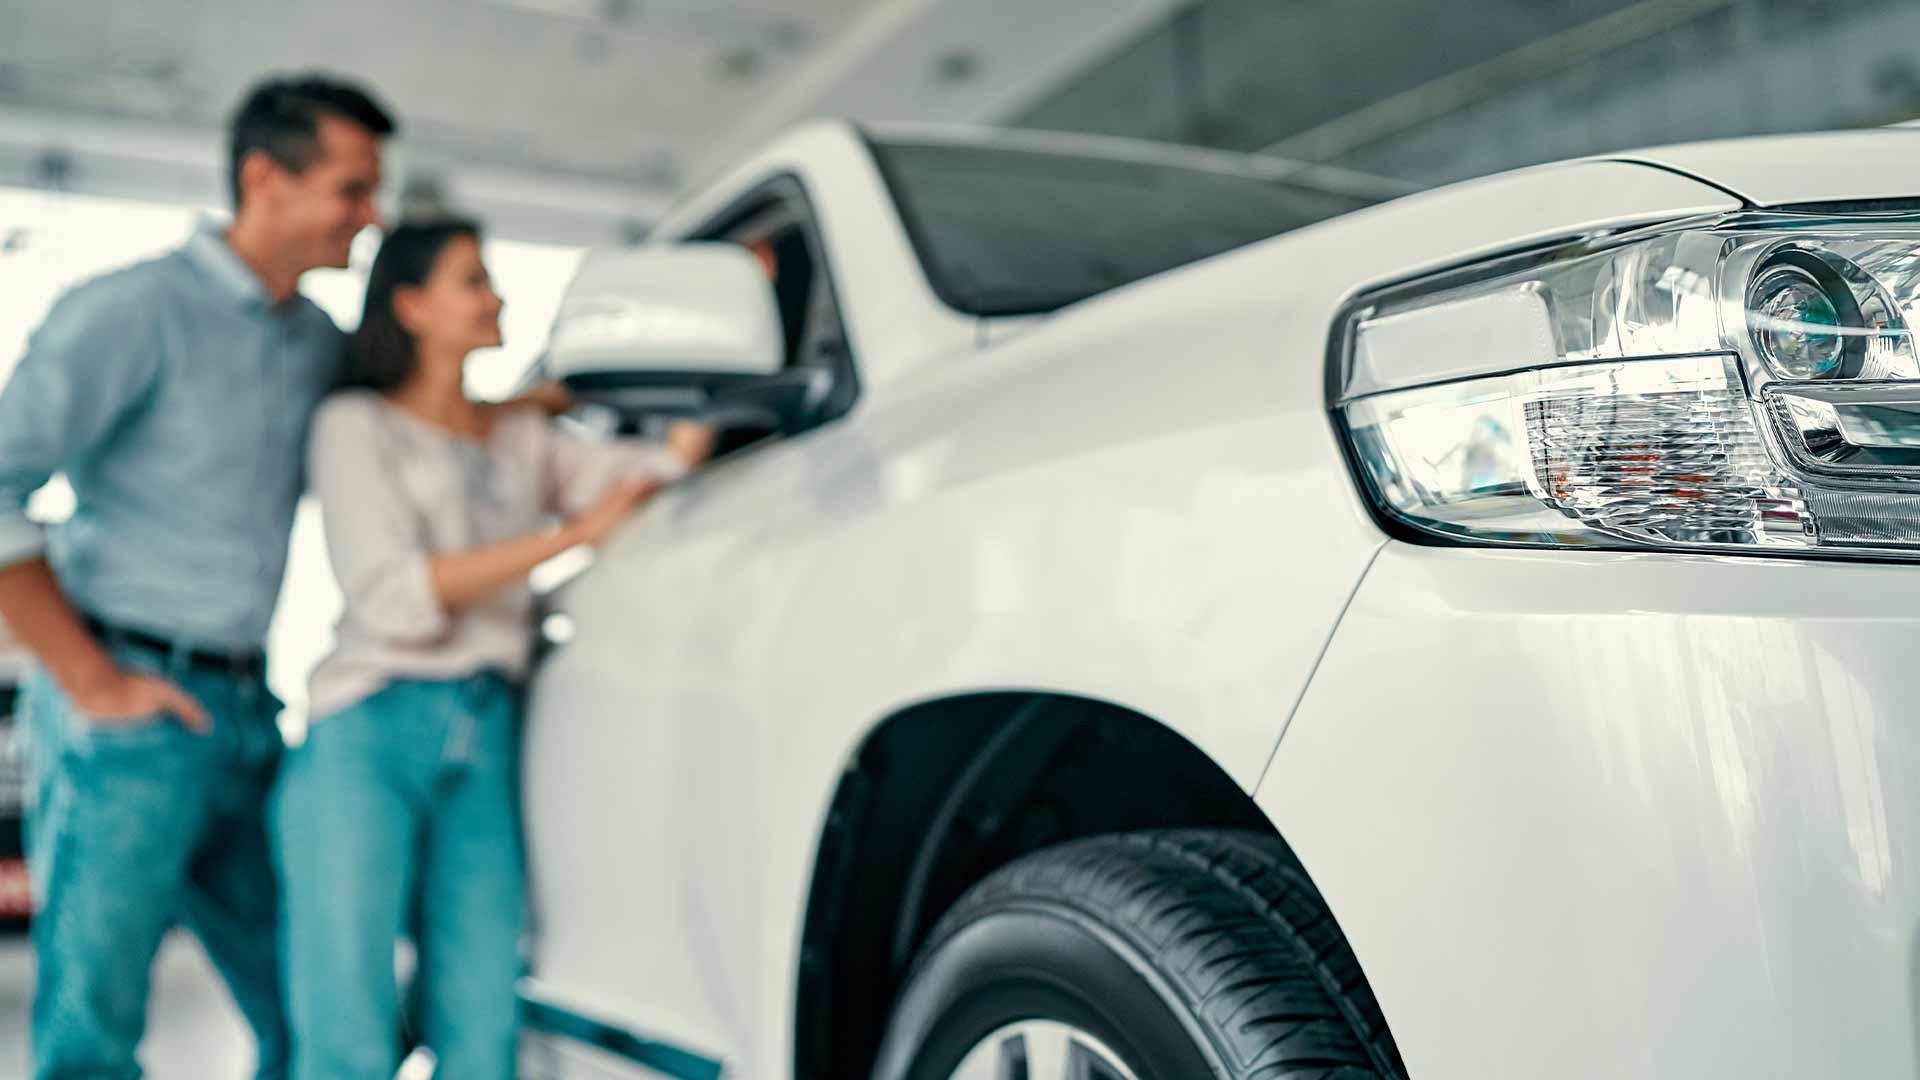 Kvinnor väljer bil efter säkerhet och män efter pris